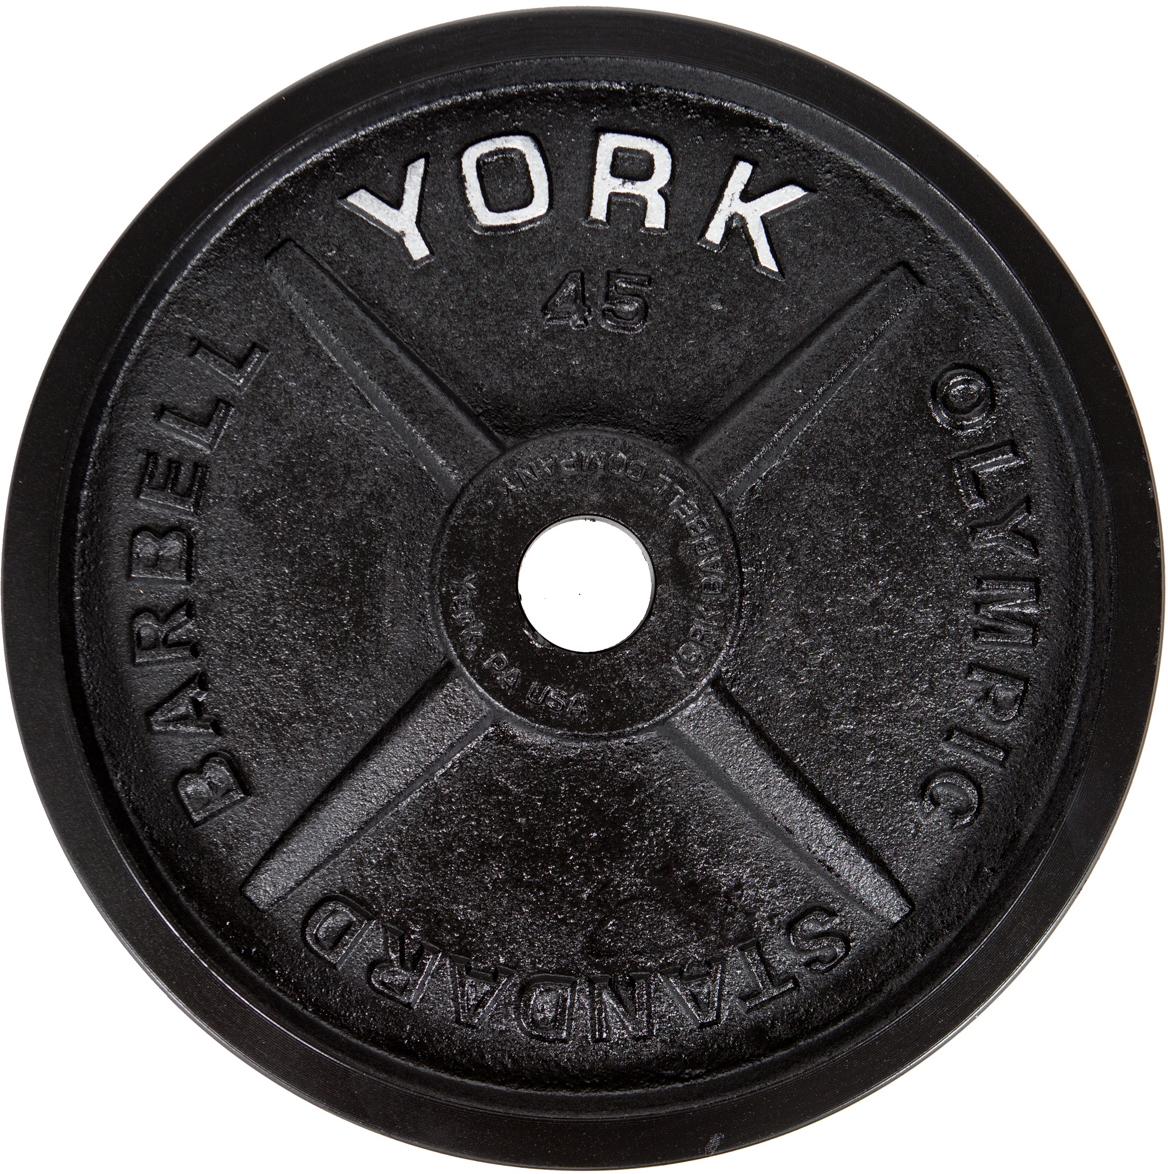 york machined plates